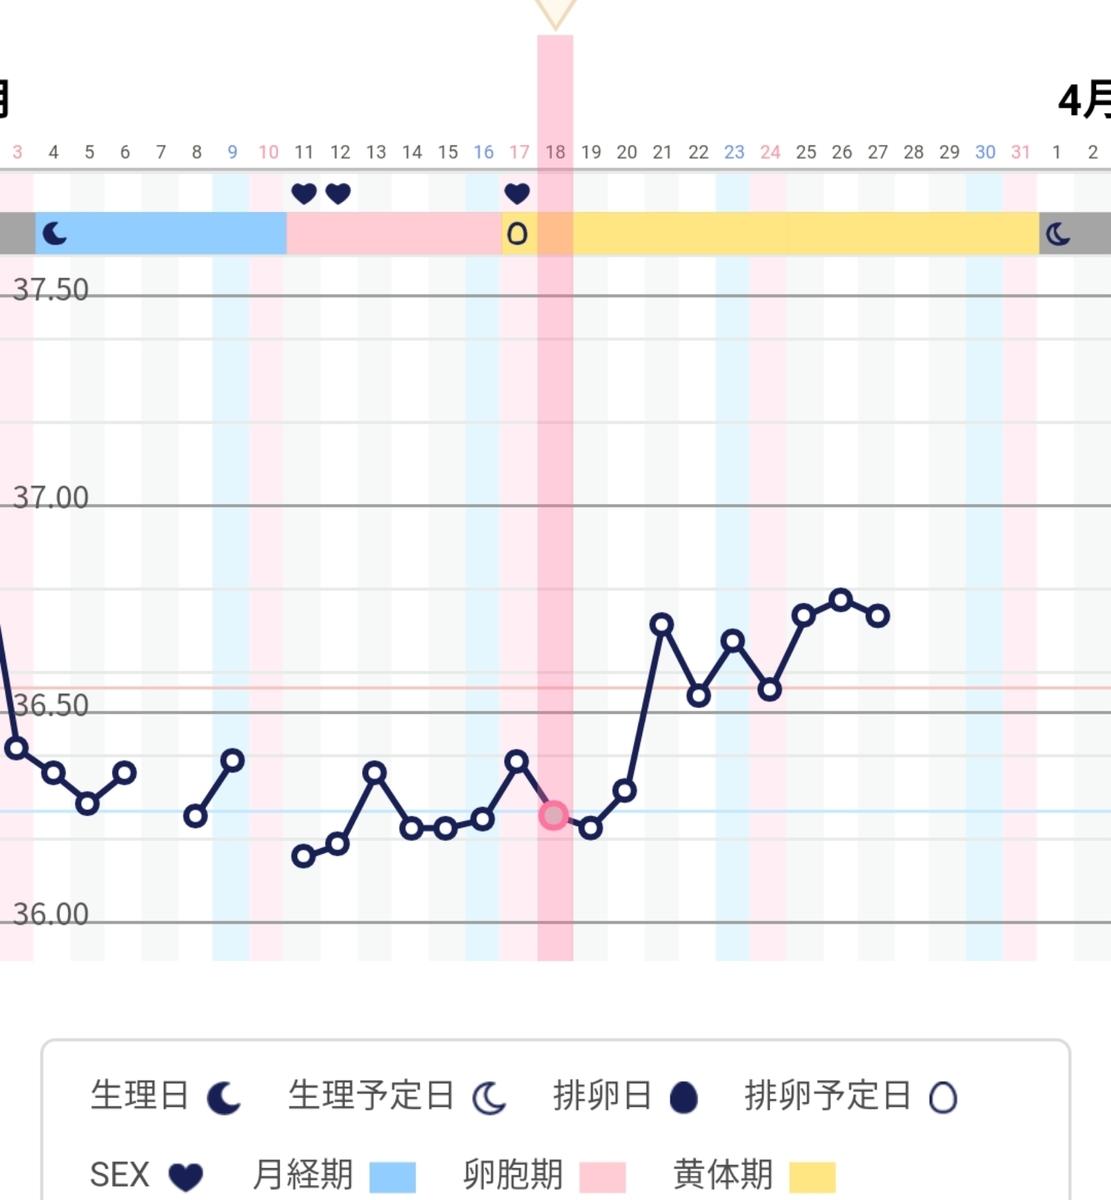 吐き気 高温期4日目 高温期18日目 妊娠検査薬で陽性後